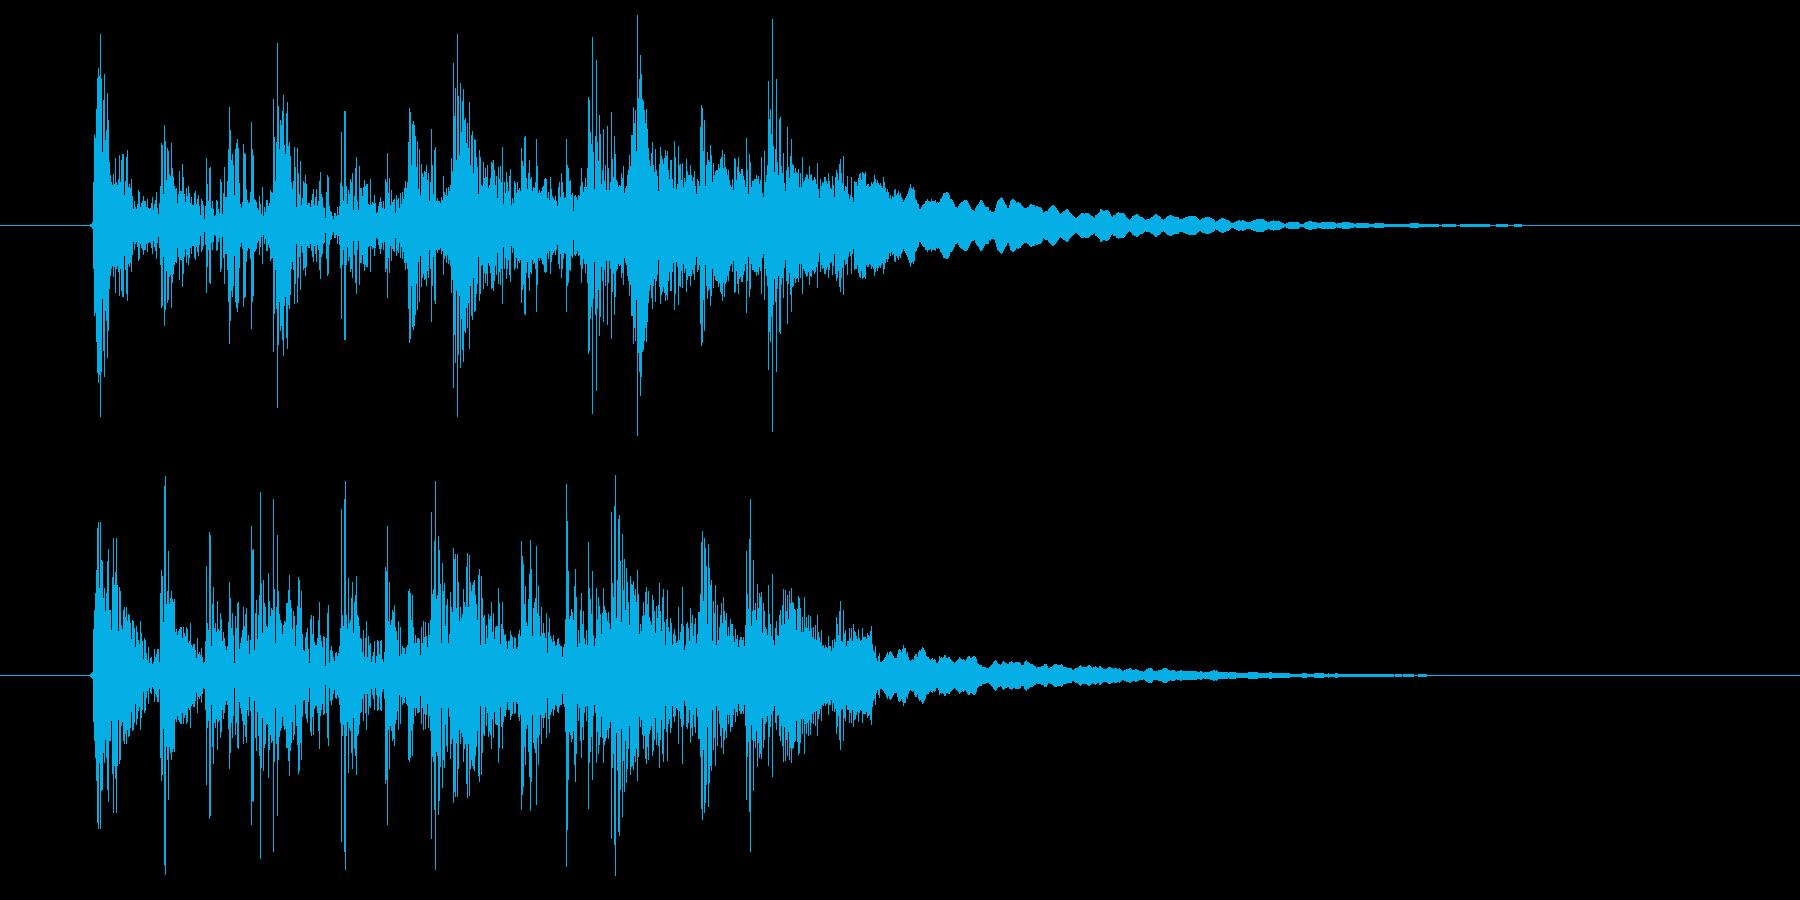 アップテンポで幻想的な音楽の再生済みの波形